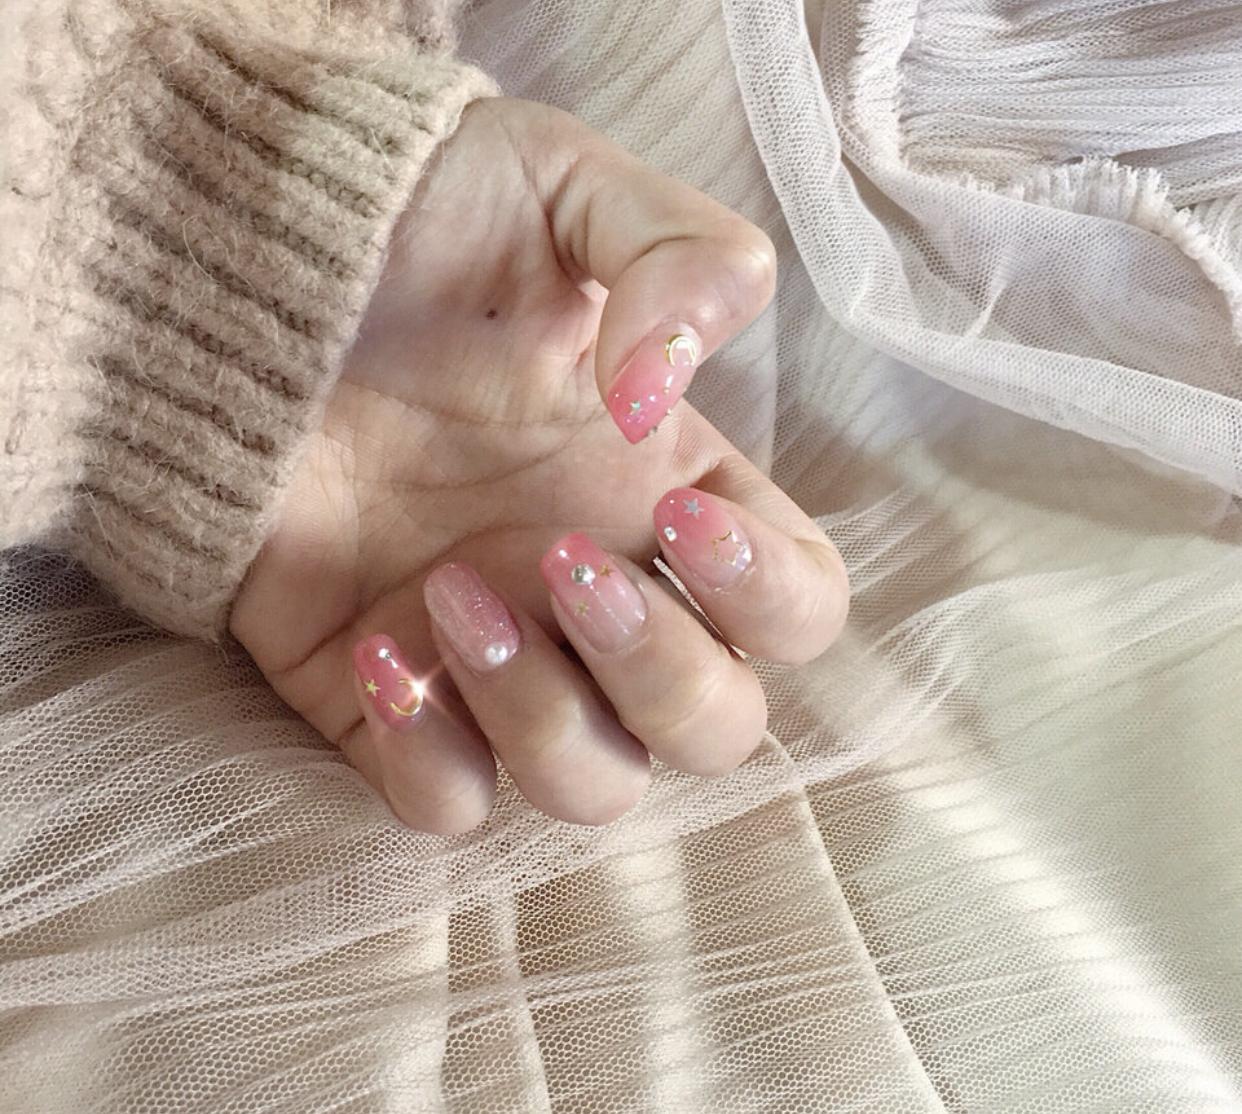 小仙女们的精致仙女风渐变美甲,浪漫的指尖太美妙啦!